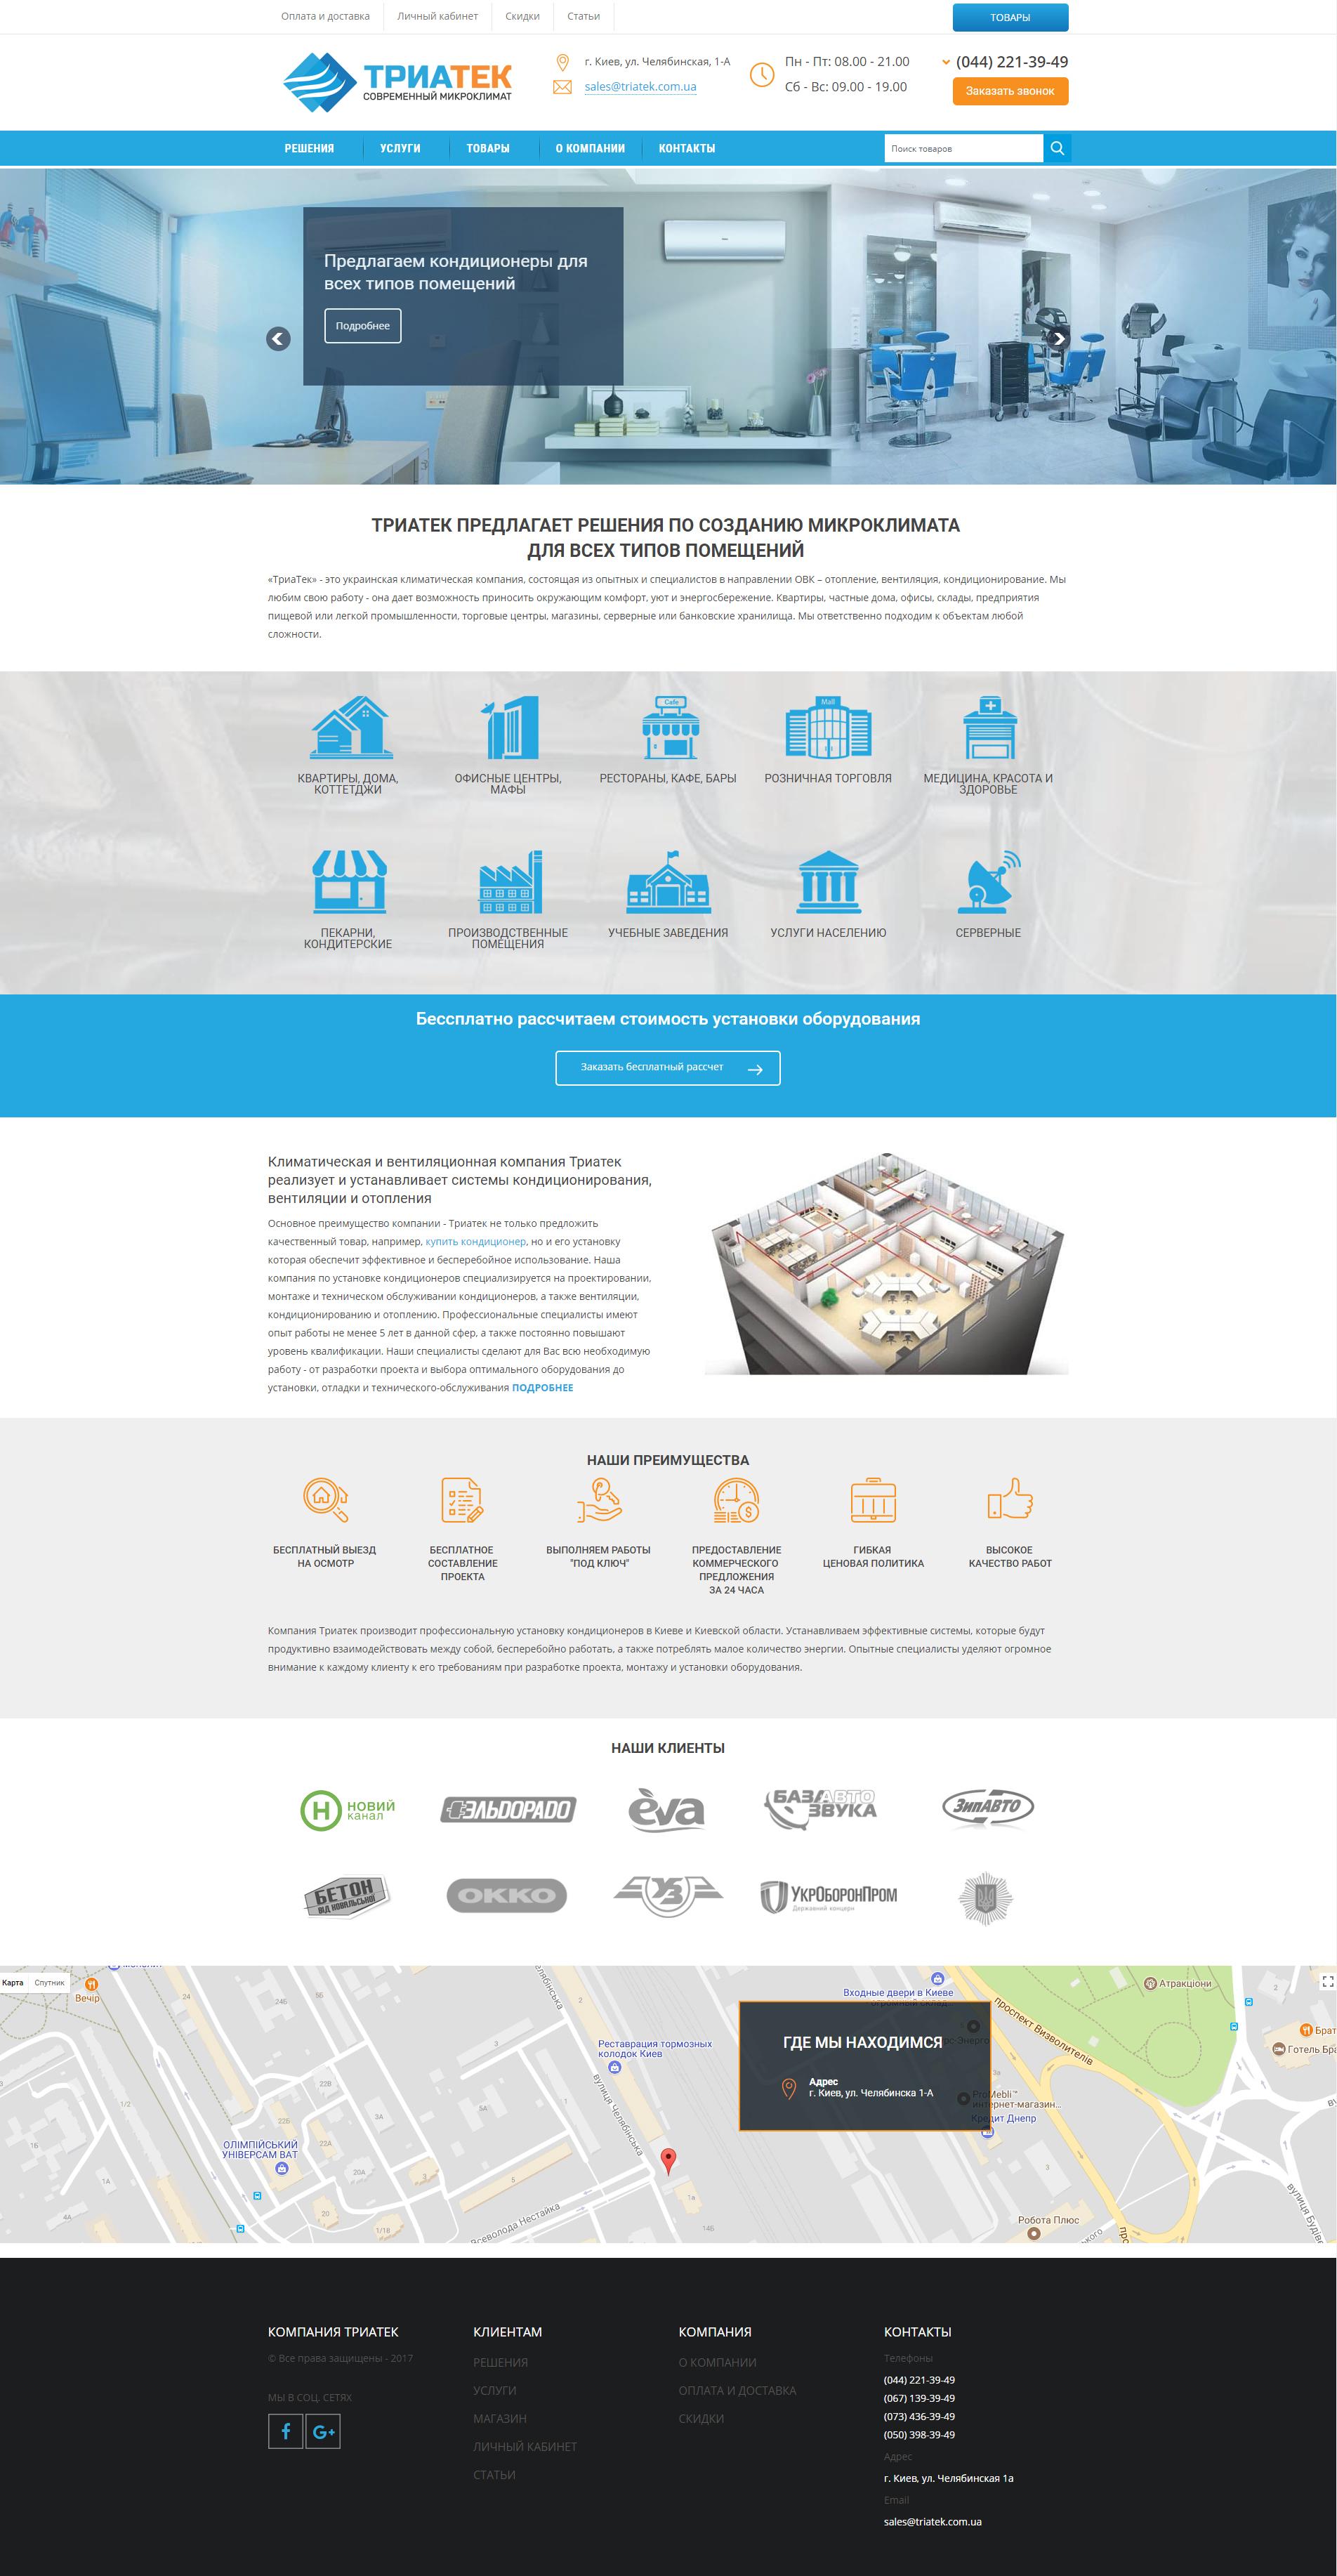 Сайт климатической компании Триатек